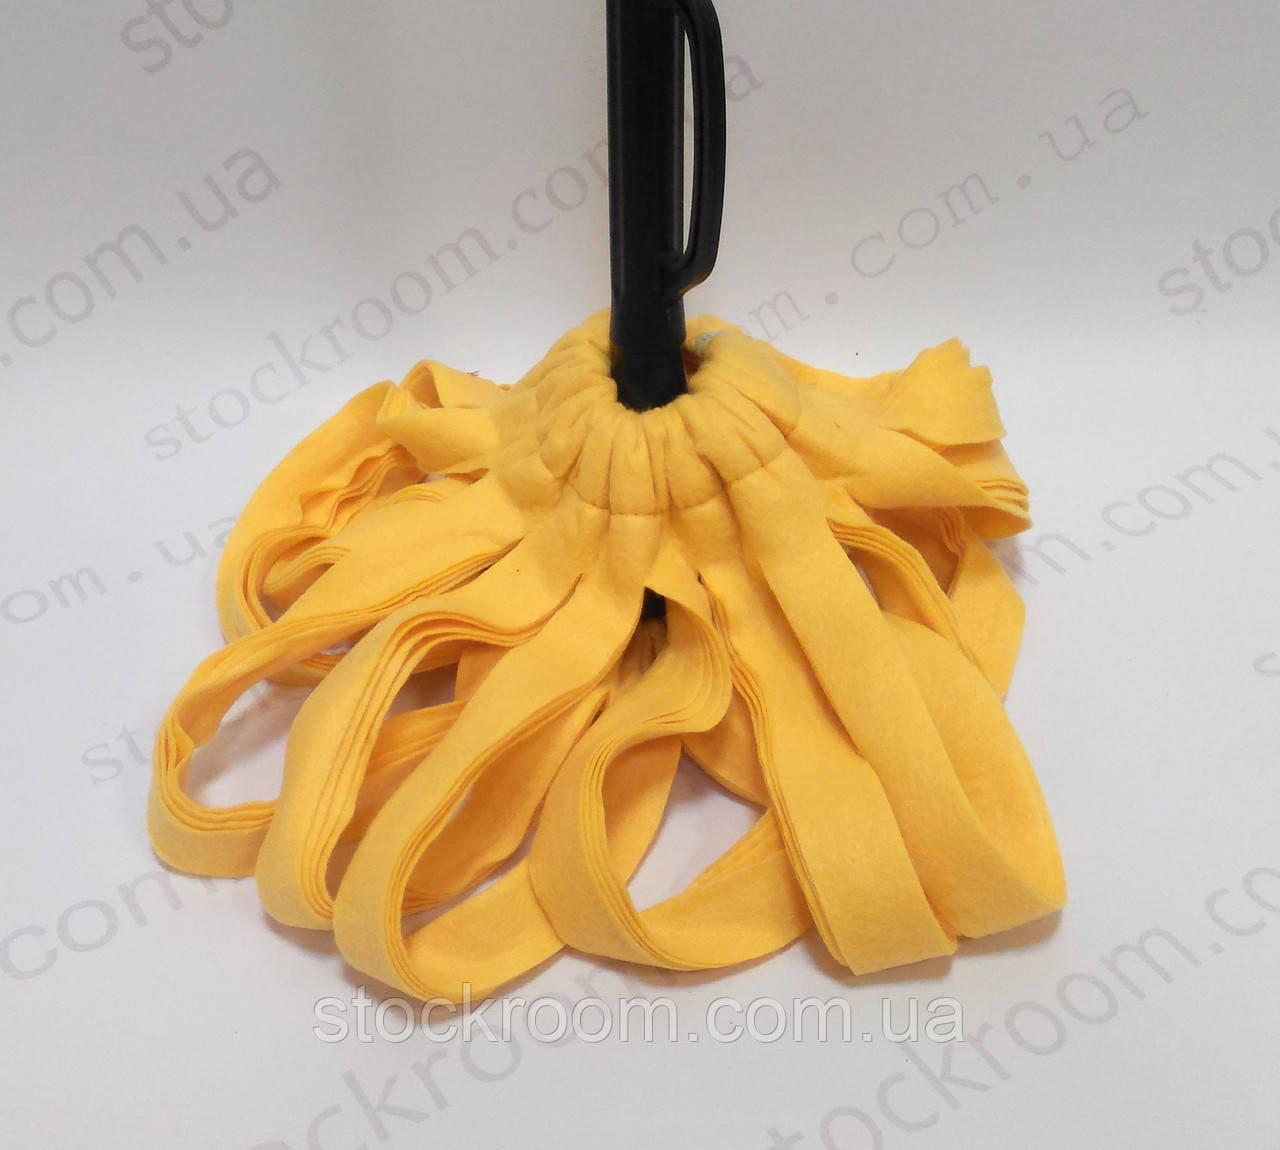 Швабра Helfer 47-147-005 для влажной уборки